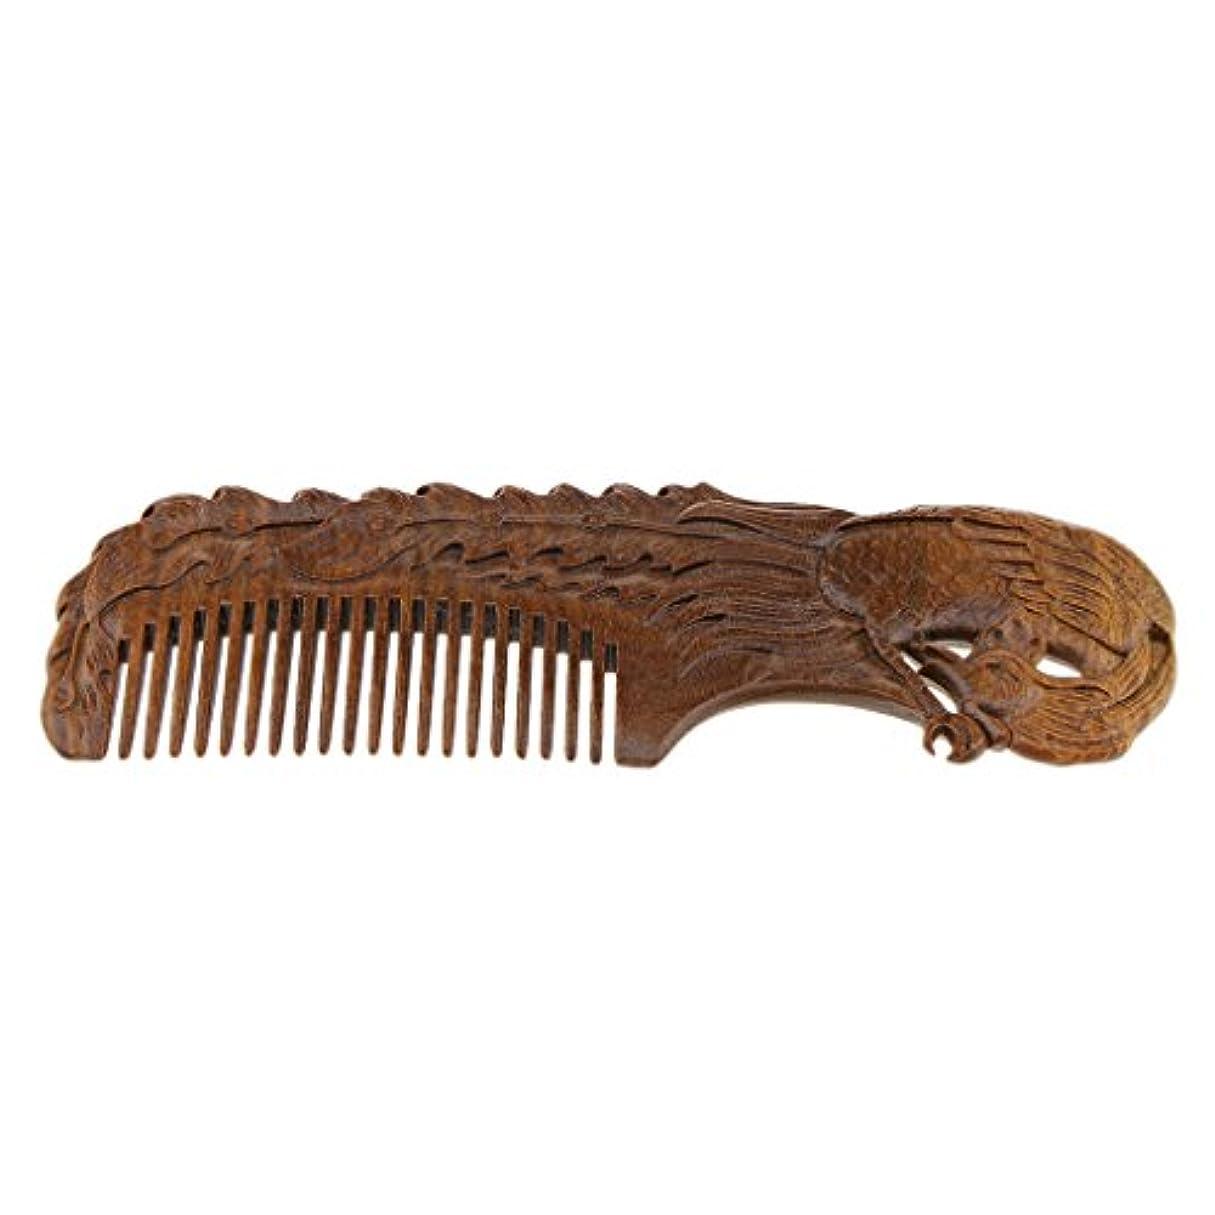 ディレクター群れ再開SM SunniMix ウッドコーム 木製コーム 木製櫛 ヘアブラシ ヘアコーム 滑らかな歯 頭皮マッサージ 全2種類選択 - Phoenix